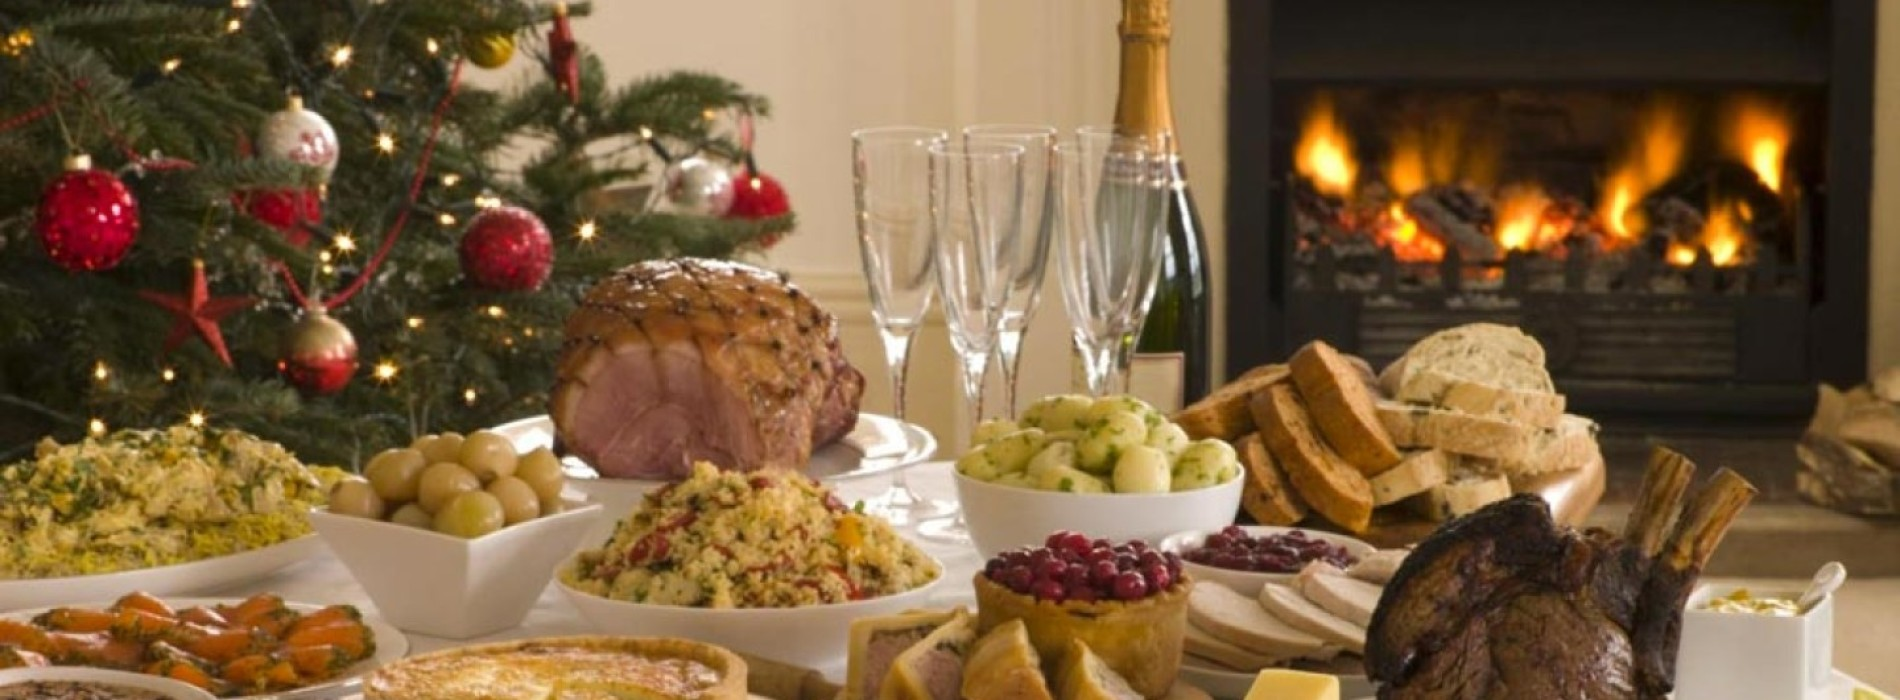 Natale in Campania, a tavola con i piatti della tradizione